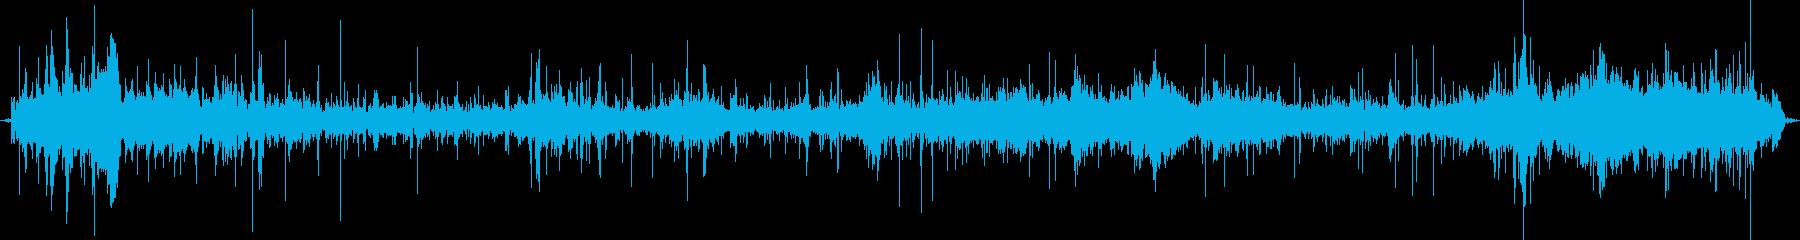 シングルホースアンドソリ:オンボー...の再生済みの波形